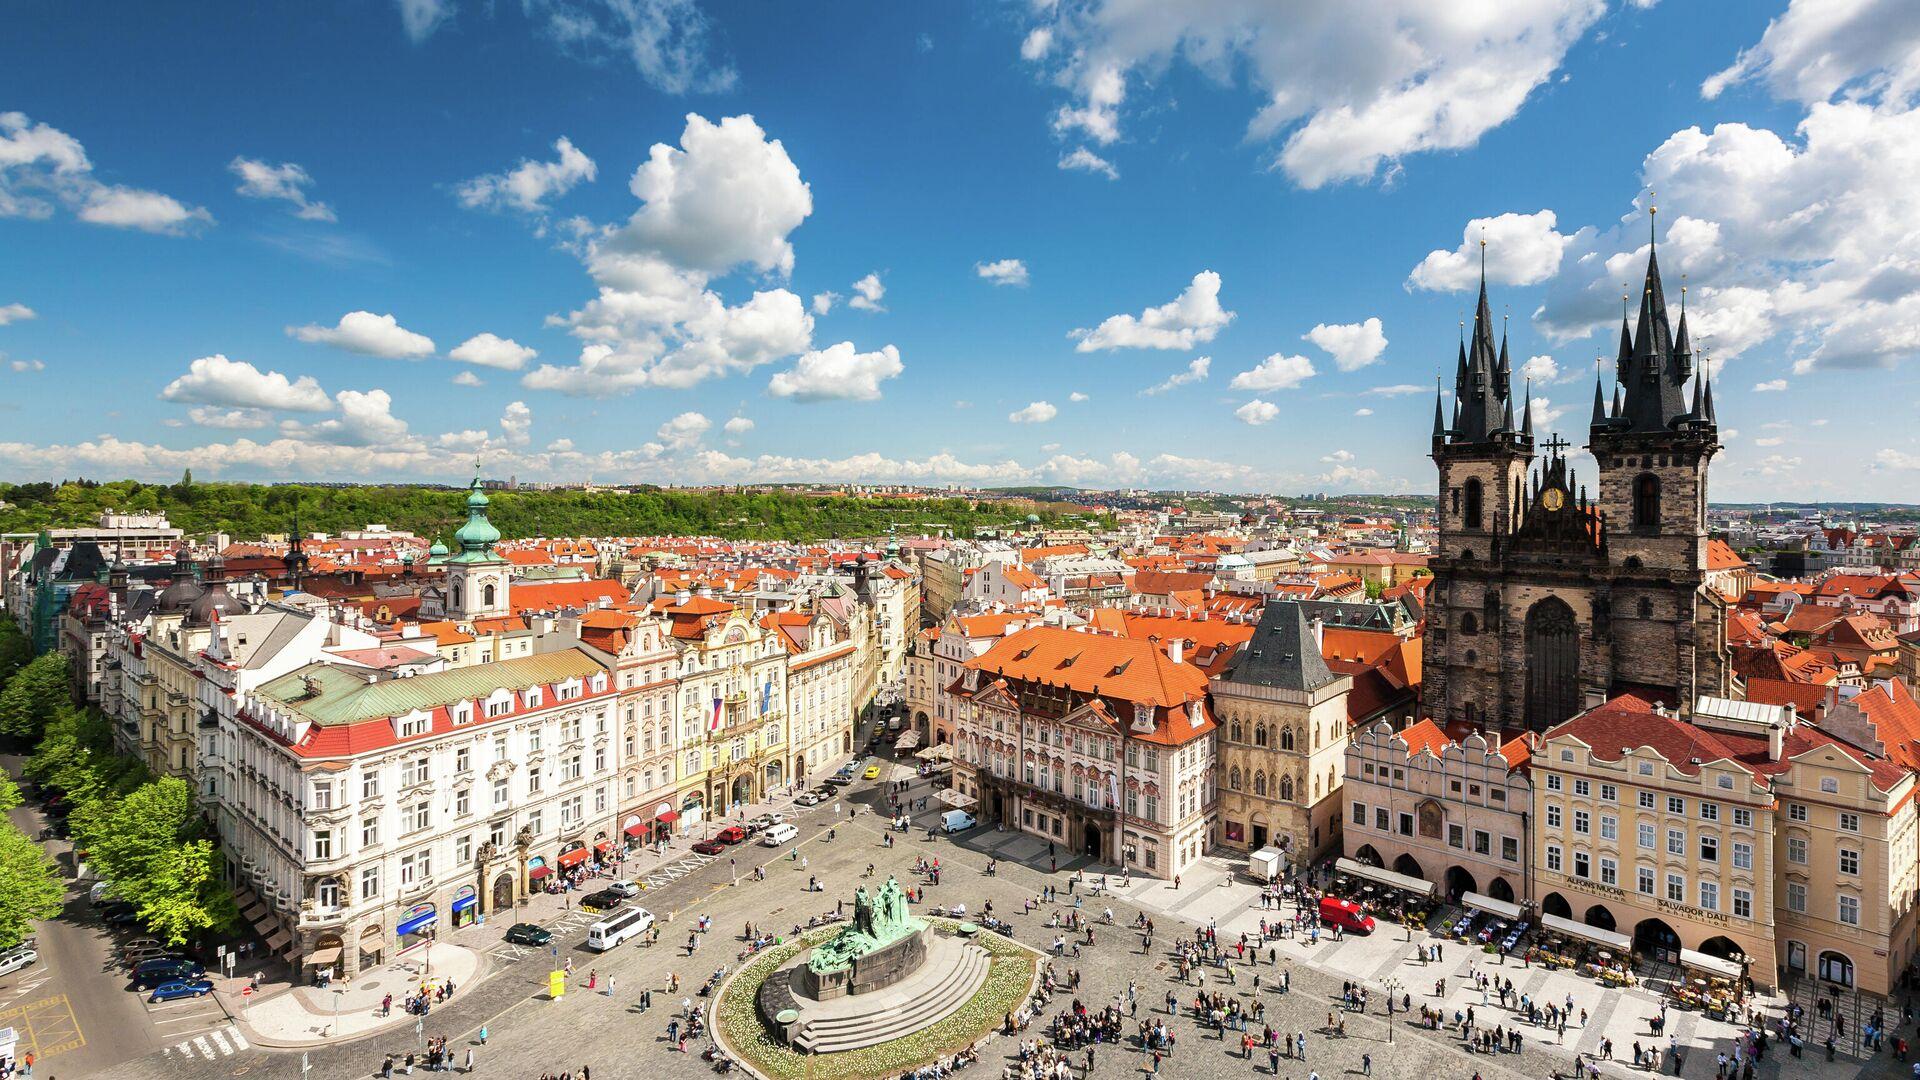 Вид с башни ратуши на Староместской площади в Праге  - РИА Новости, 1920, 09.06.2021